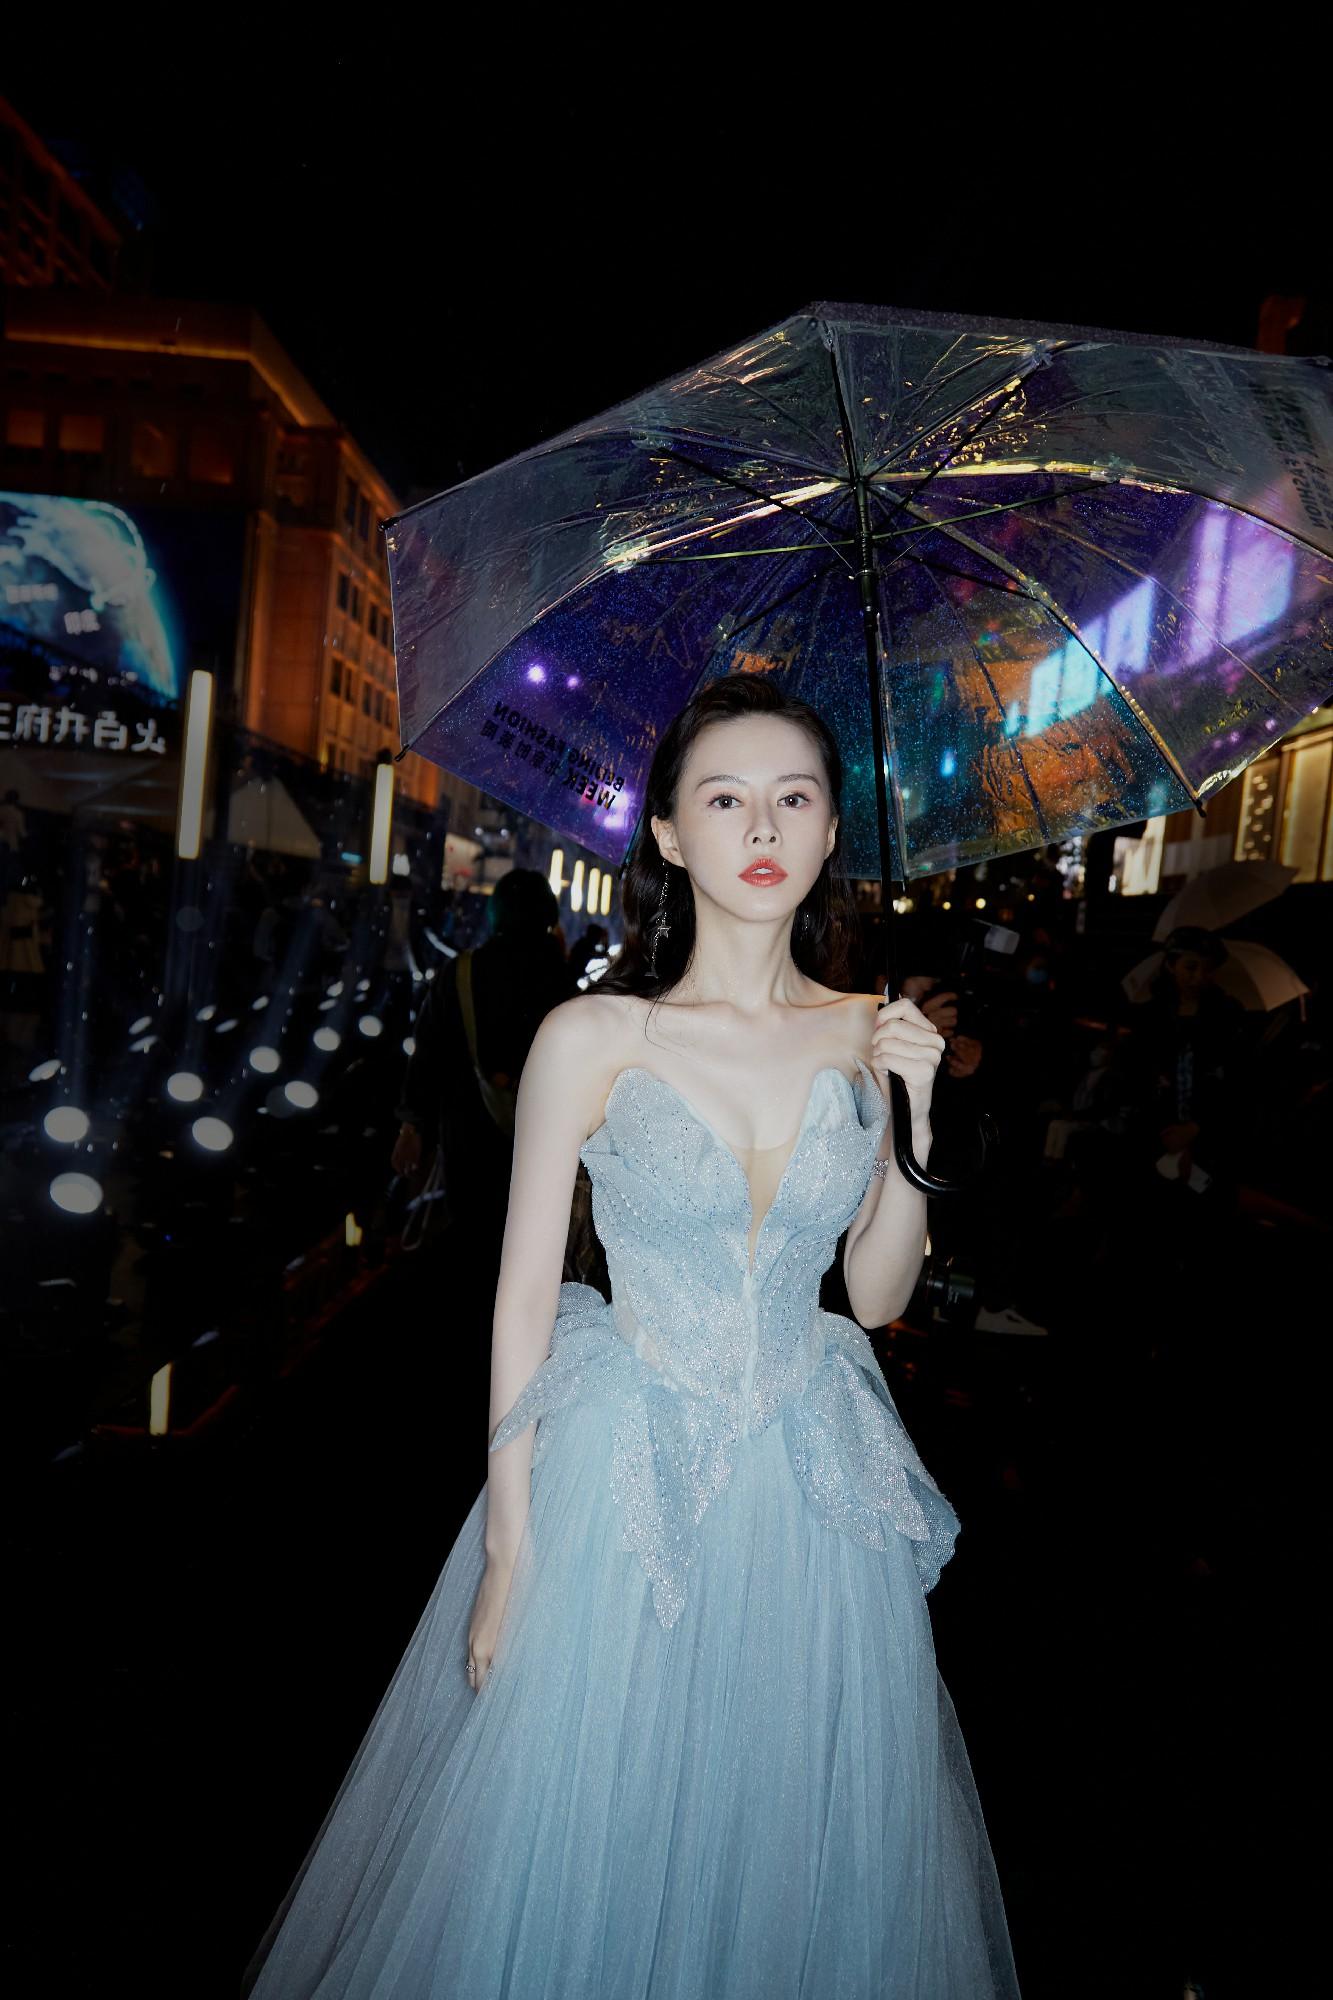 云千千出席北京时装周闭幕盛典 一身冰蓝色花瓣闪钻礼服 吸睛无数